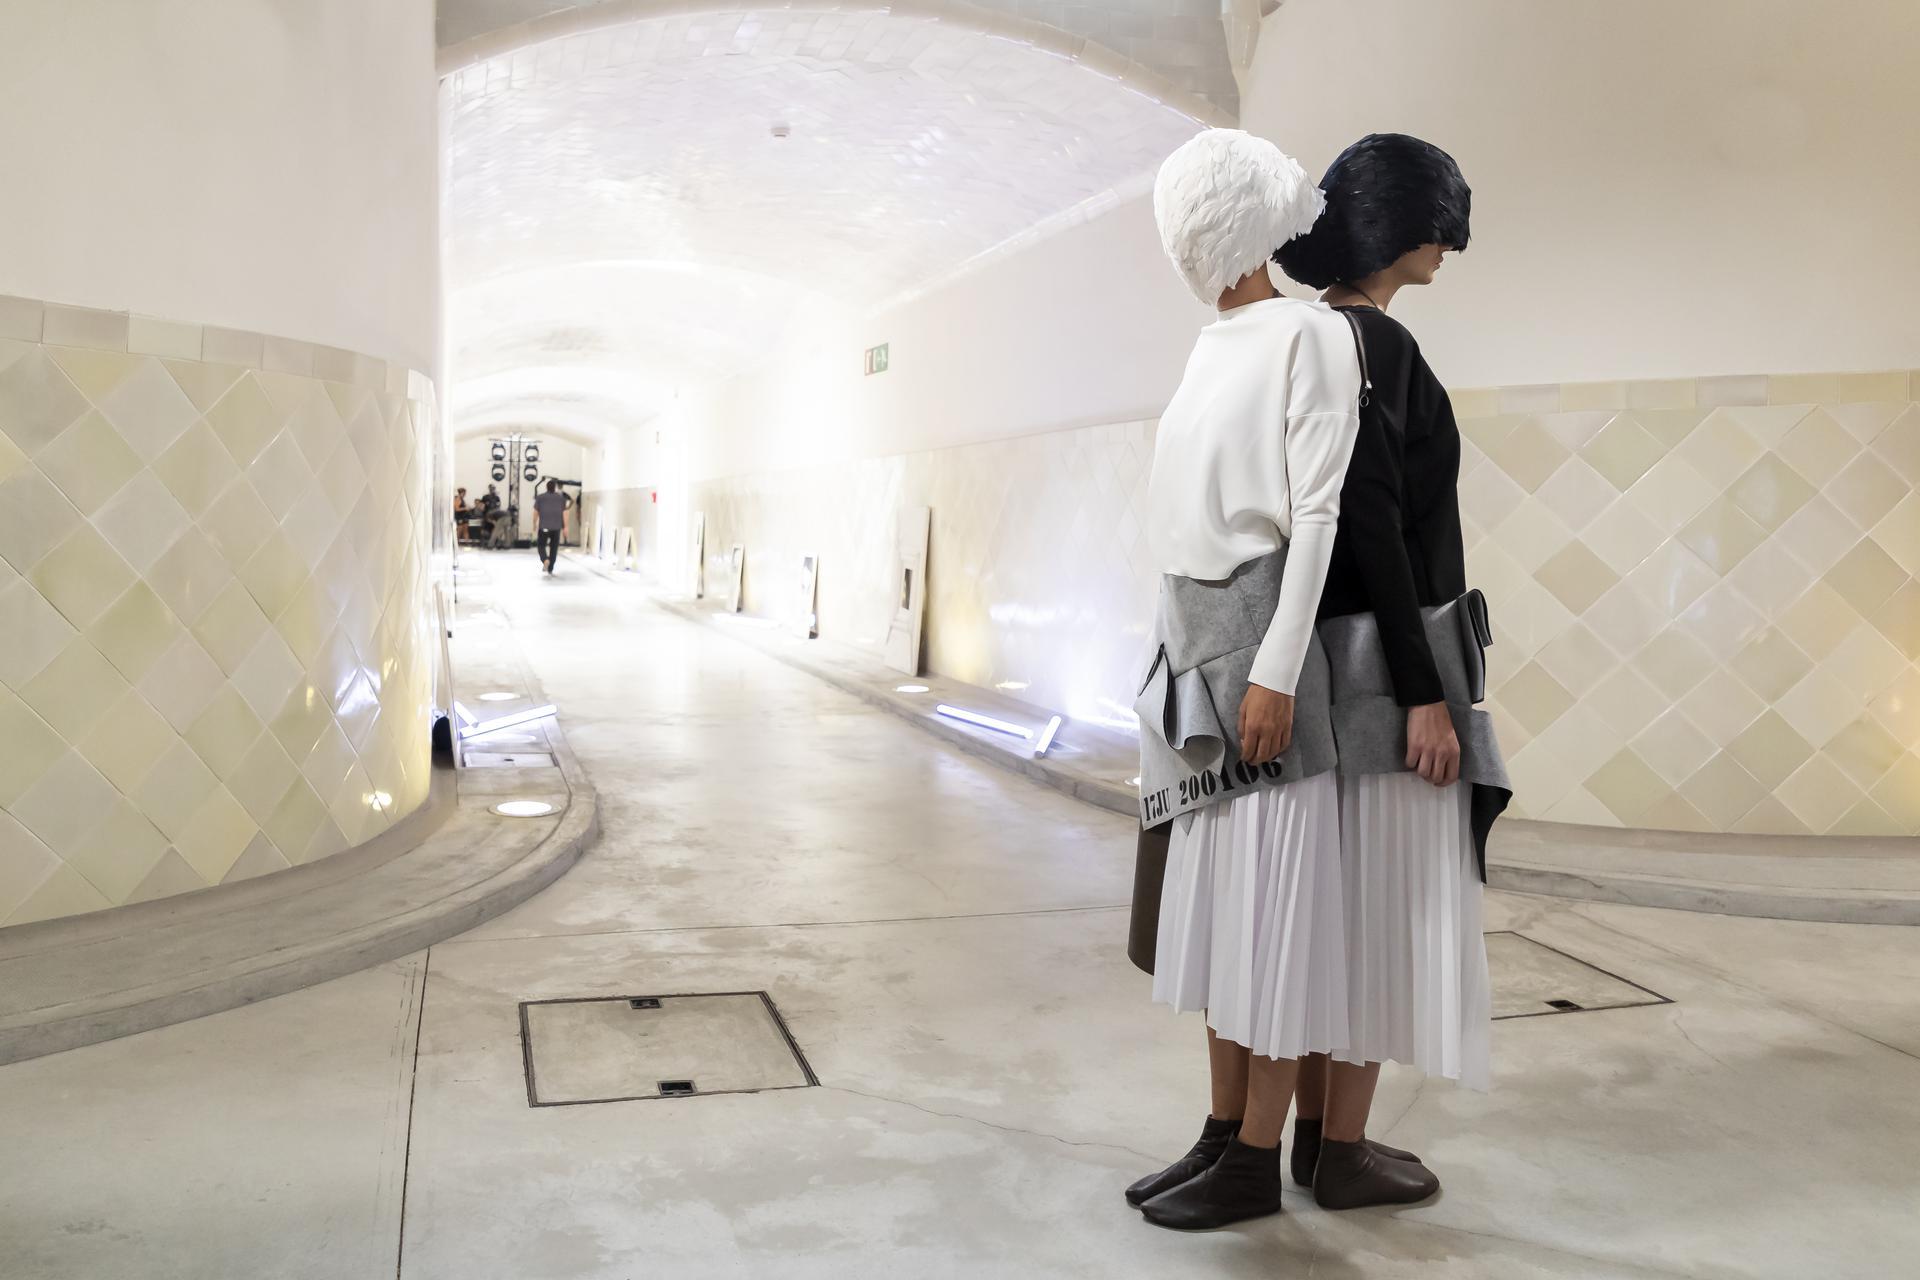 Txell%20Miras%20ambient 1081 - Segunda sesión de la pasarela digital 080 Barcelona Fashion